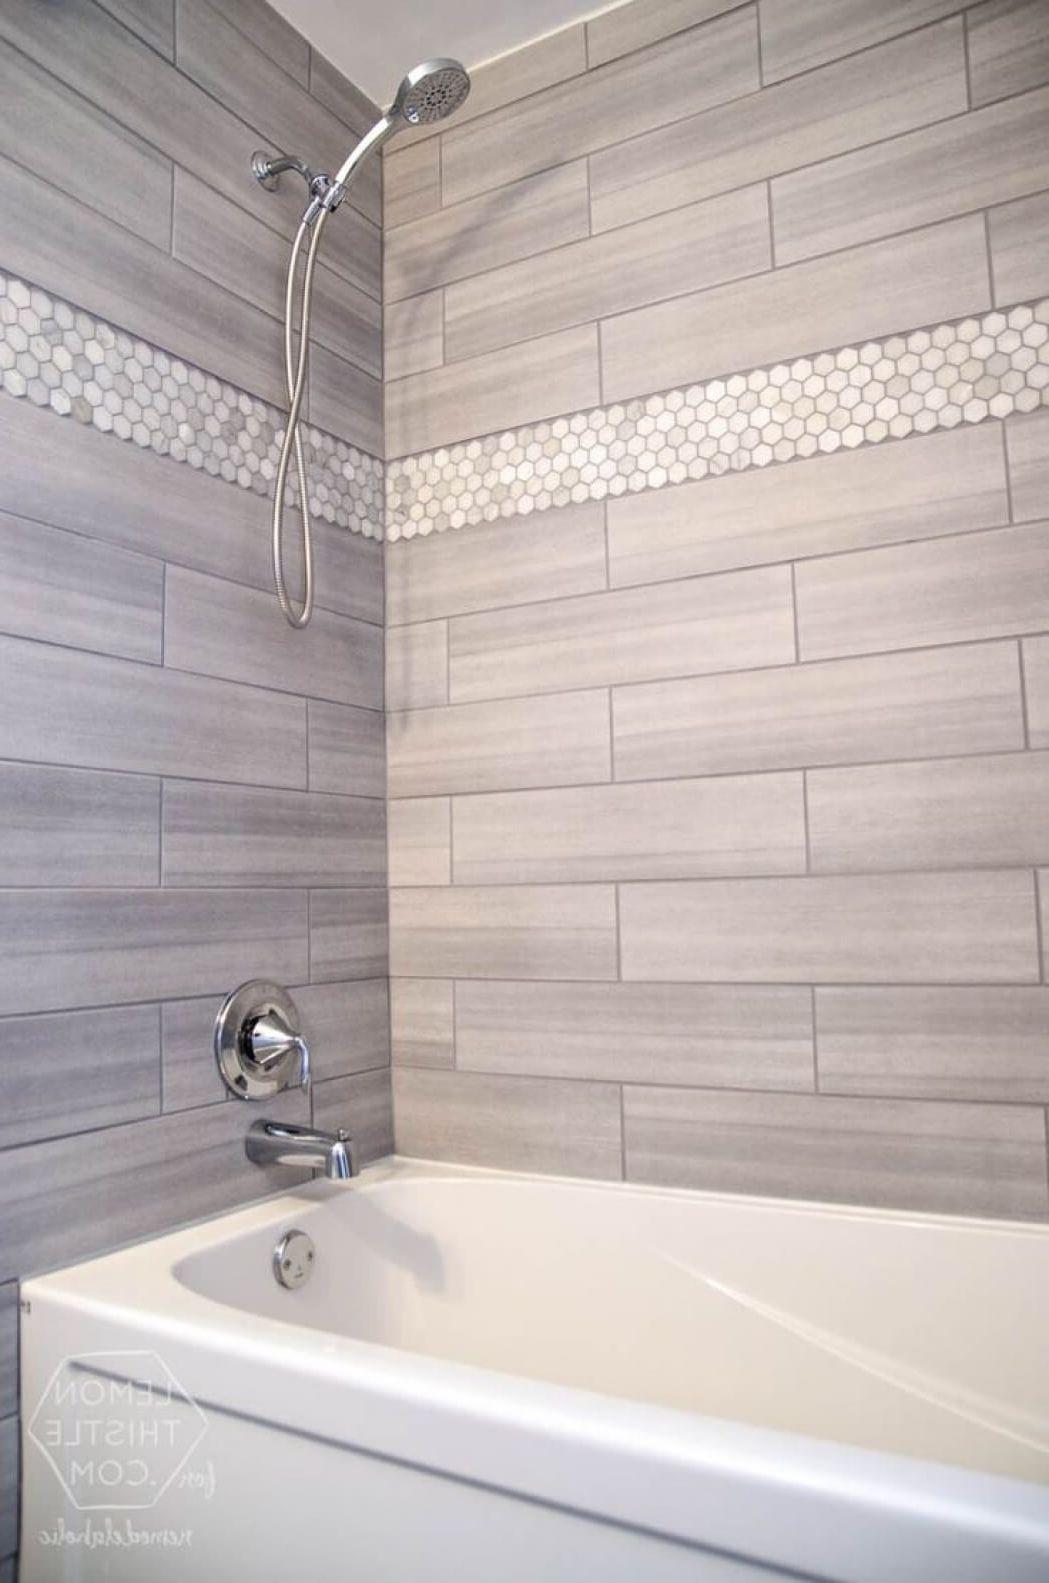 Tile Shower Tile Pattern With Images Patterned Bathroom Tiles